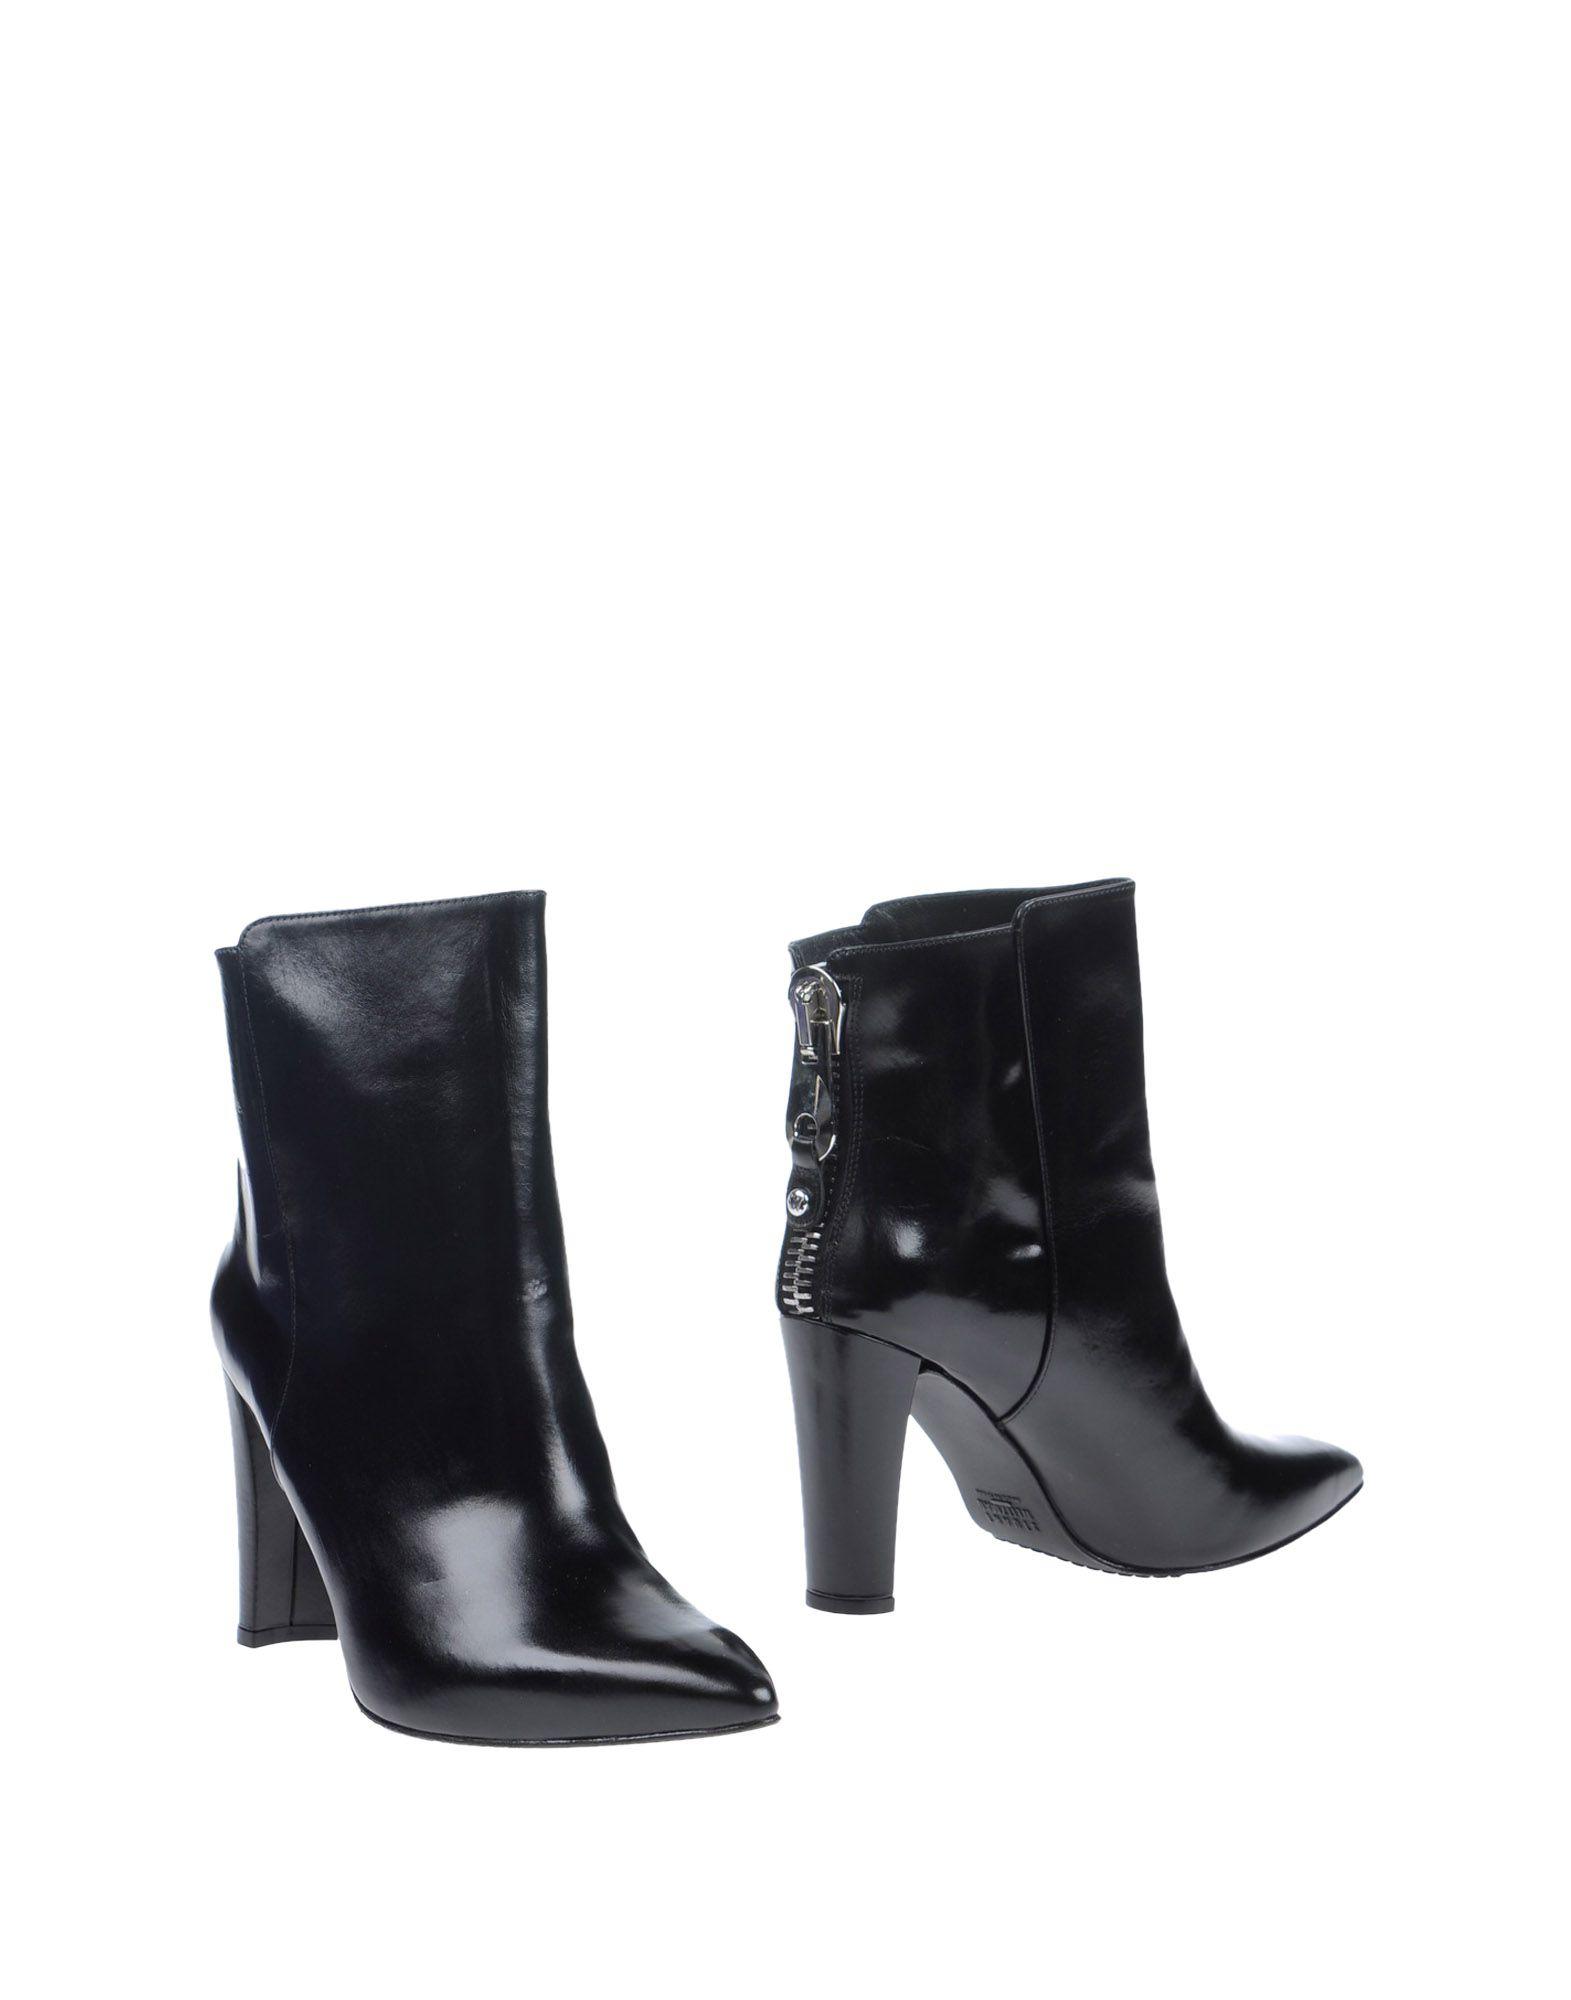 Stuart Weitzman Ankle Boot - Women Stuart on Weitzman Ankle Boots online on Stuart  Australia - 11020795JV f60863